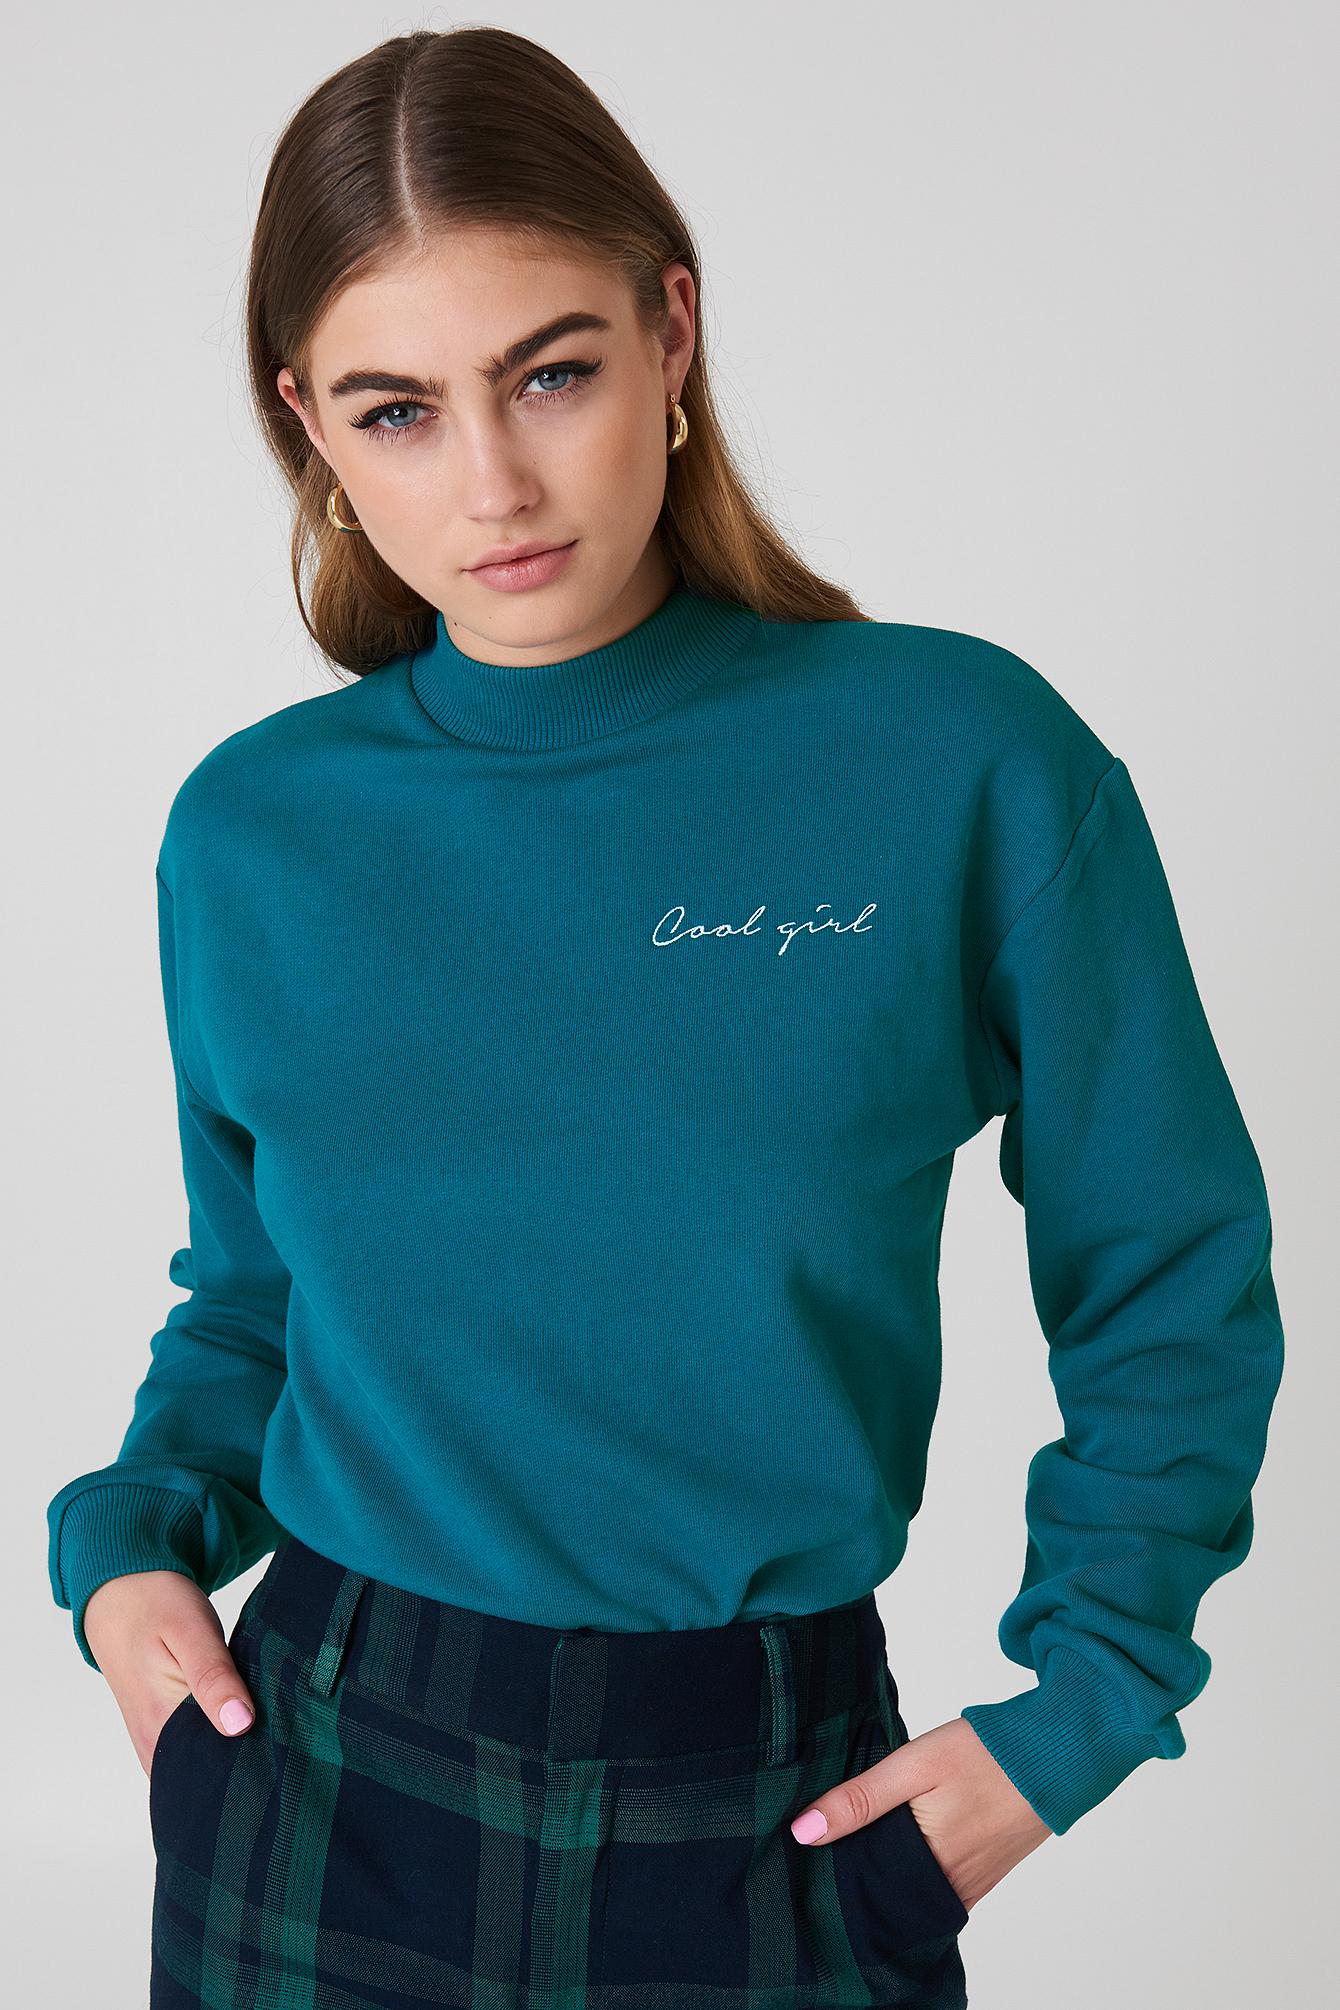 na-kd -  Cool Girl Sweatshirt - Green,Turquoise